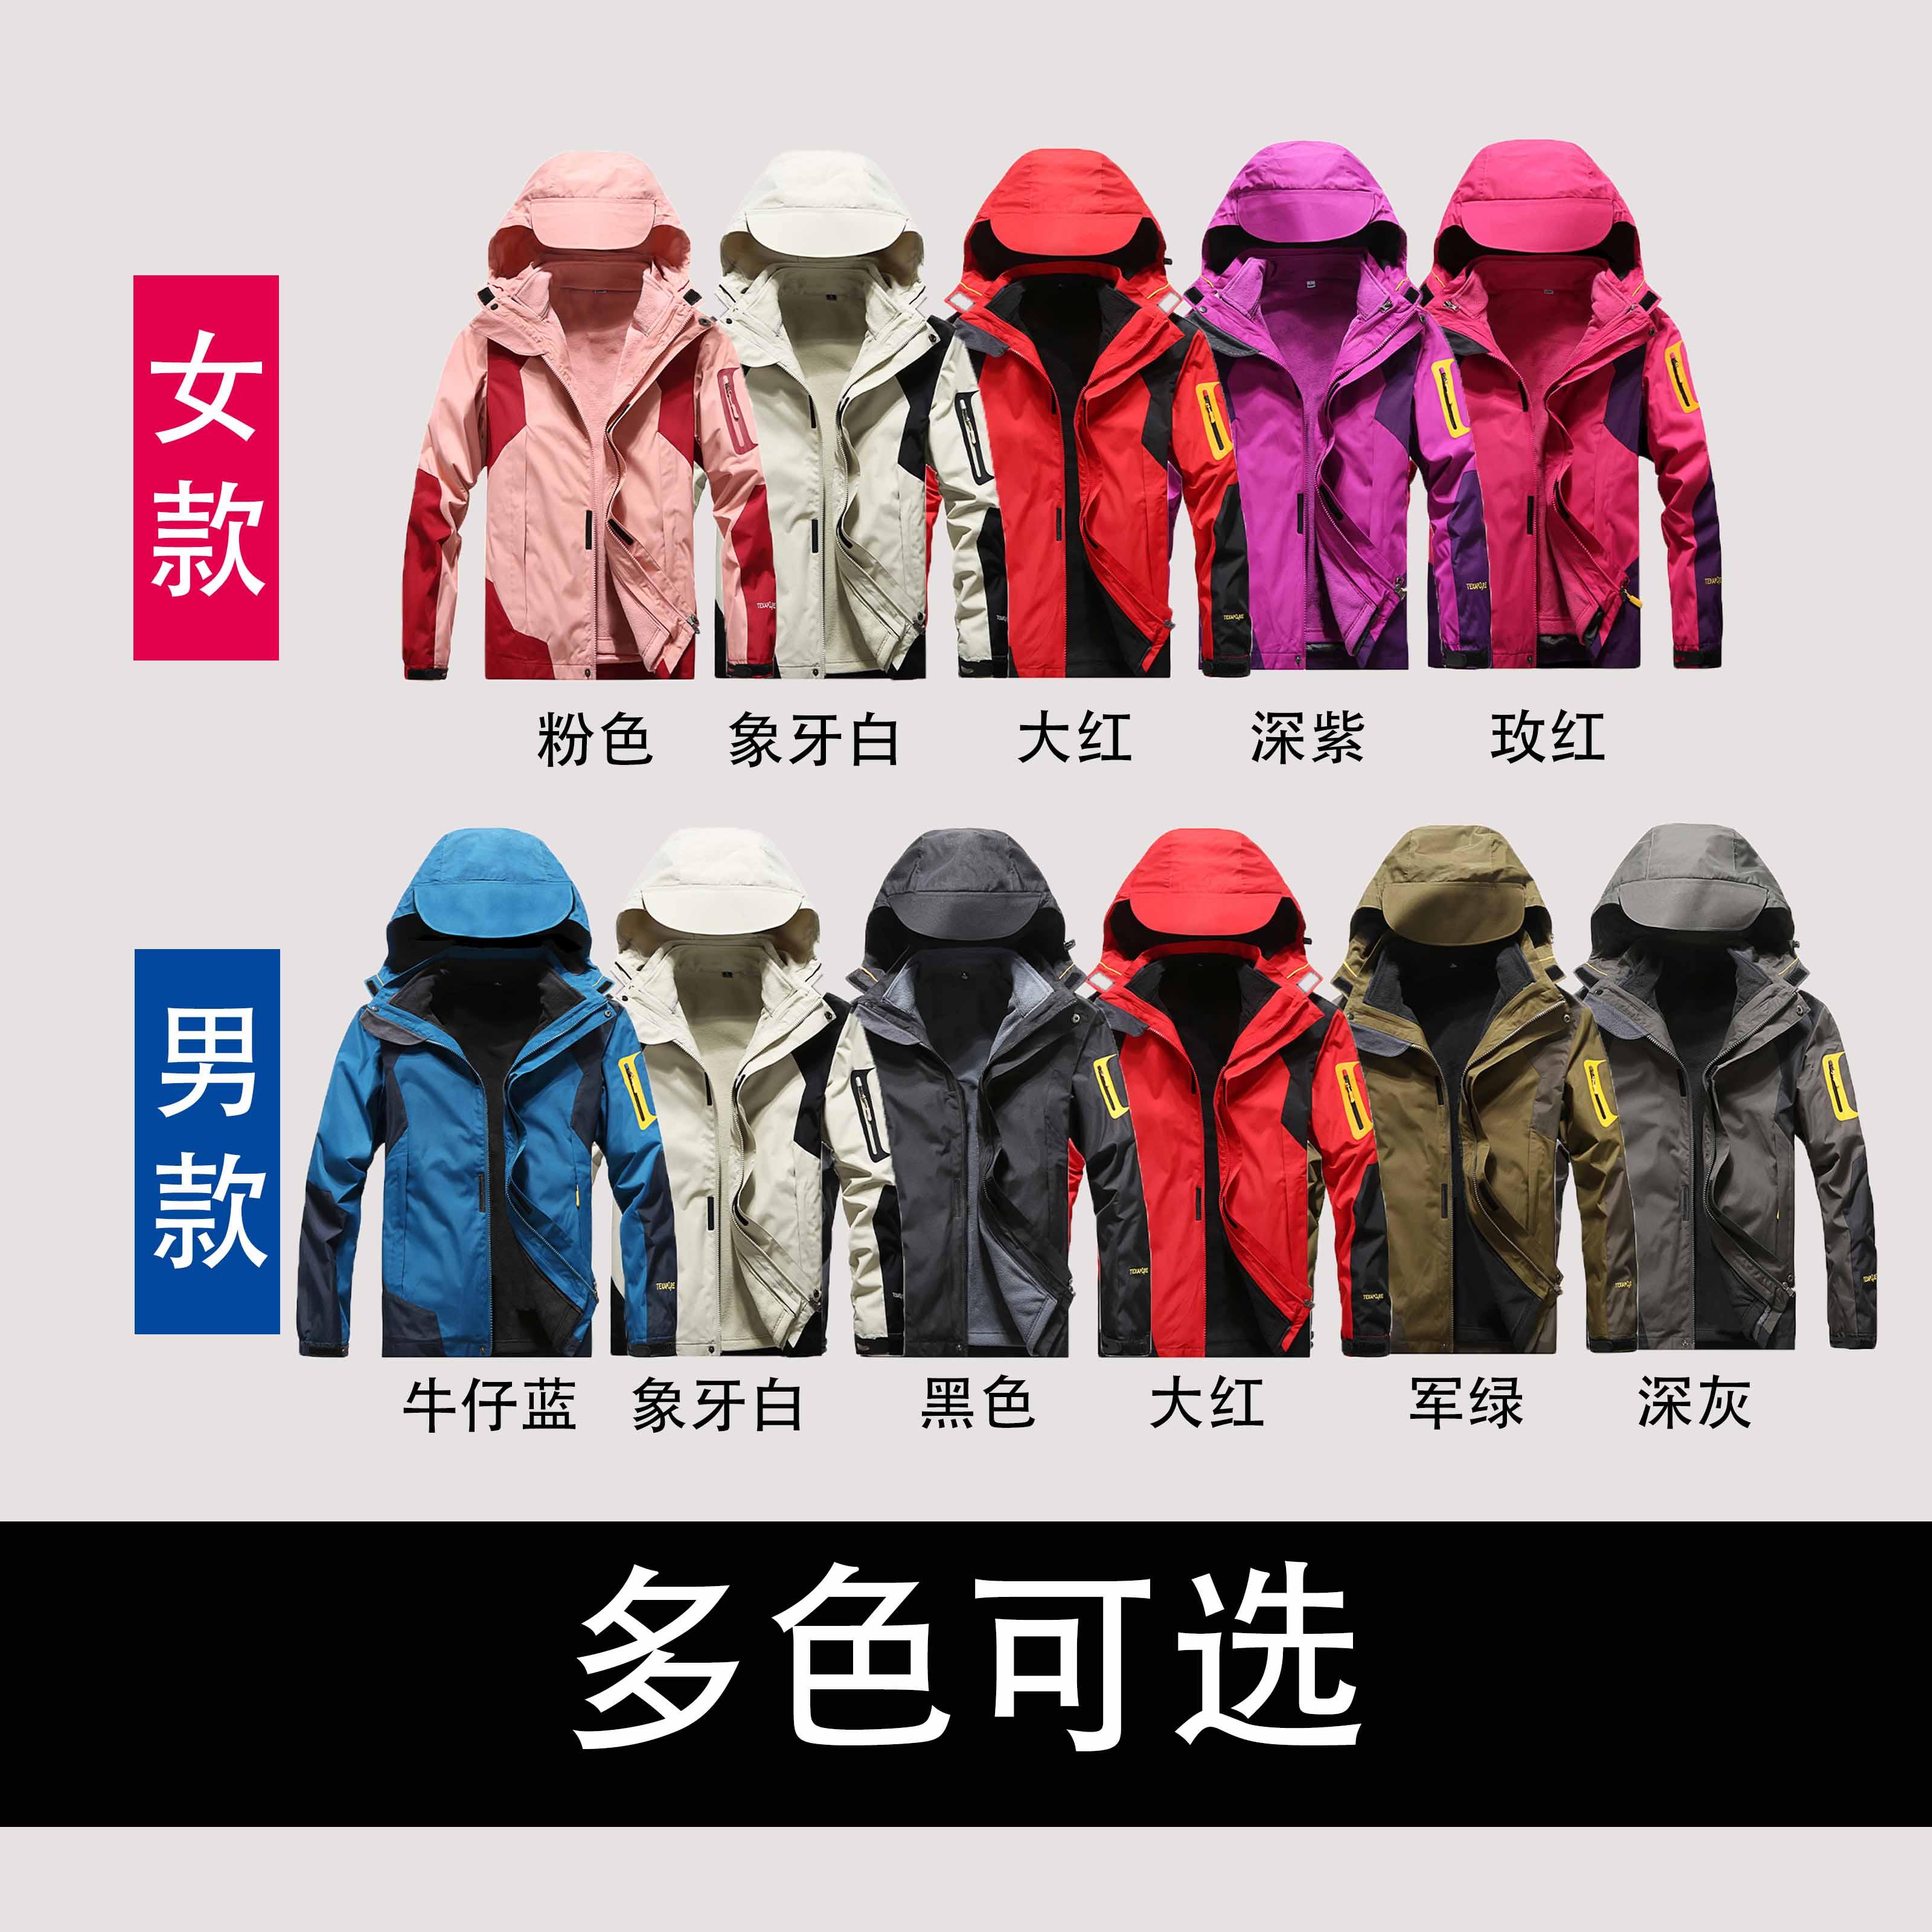 户外加绒冲锋衣男女潮牌韩国可拆卸三合一两件套秋冬季登山服外套